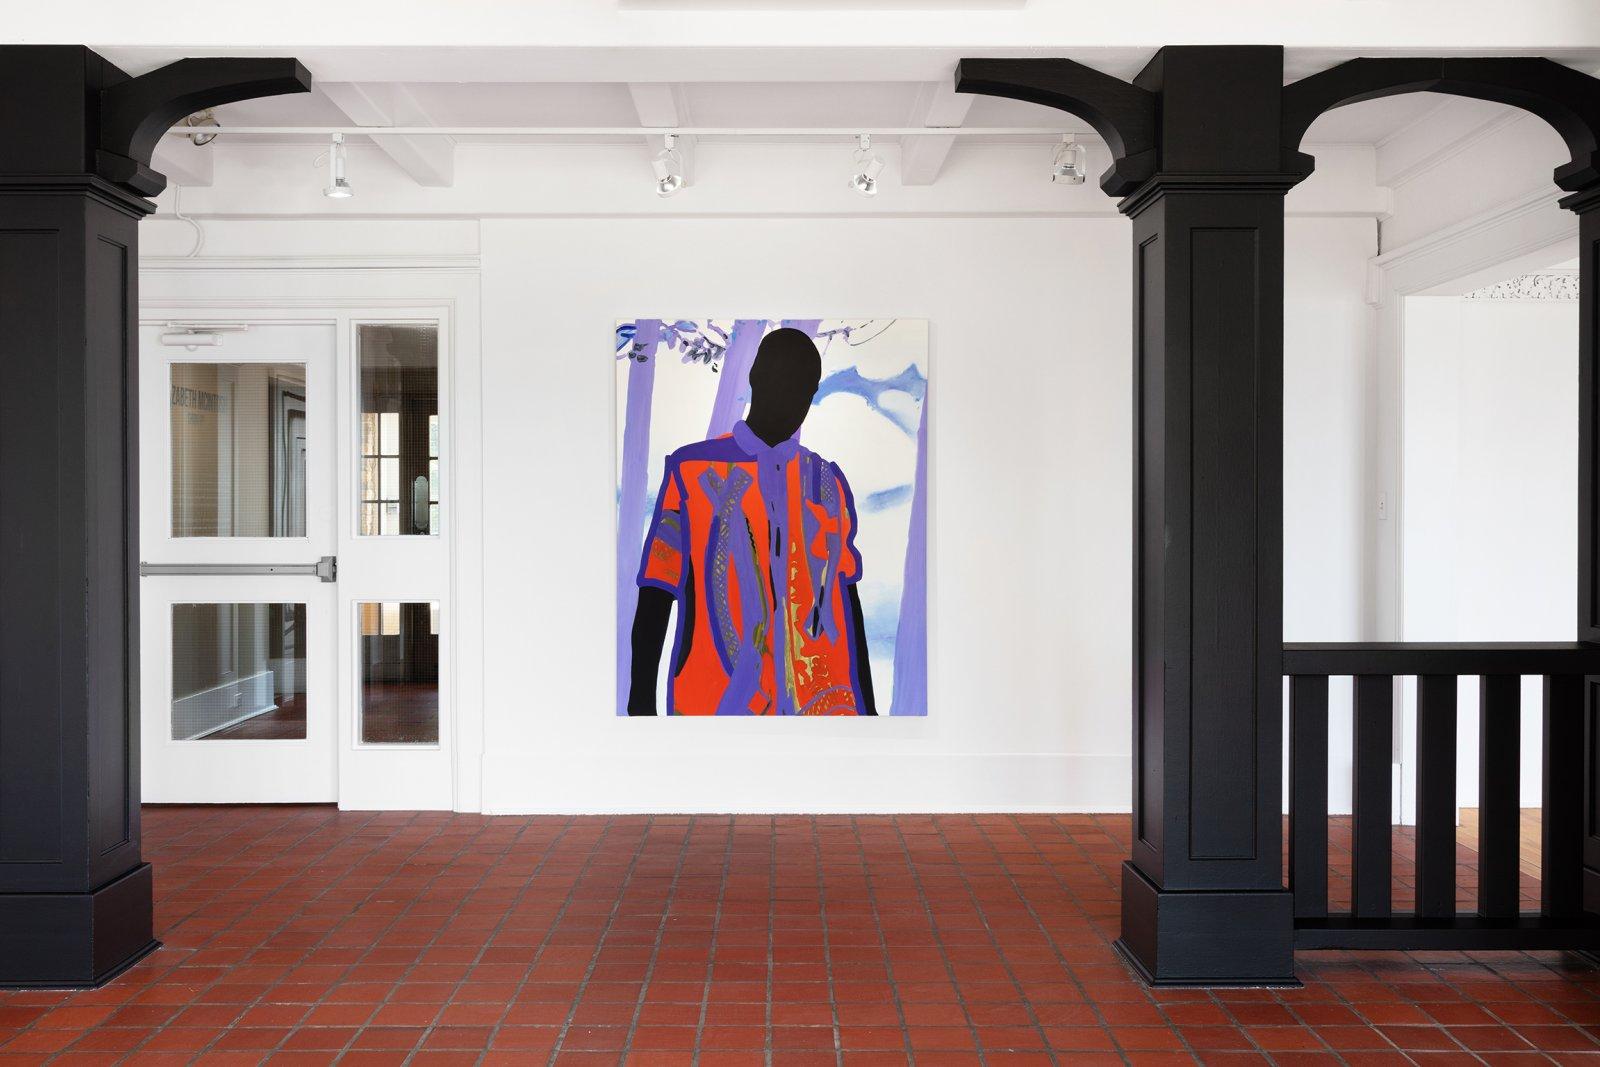 Elizabeth McIntosh, Listen, 2018, oil on canvas, 66 x 51 in. (168 x 130 cm) by Elizabeth McIntosh